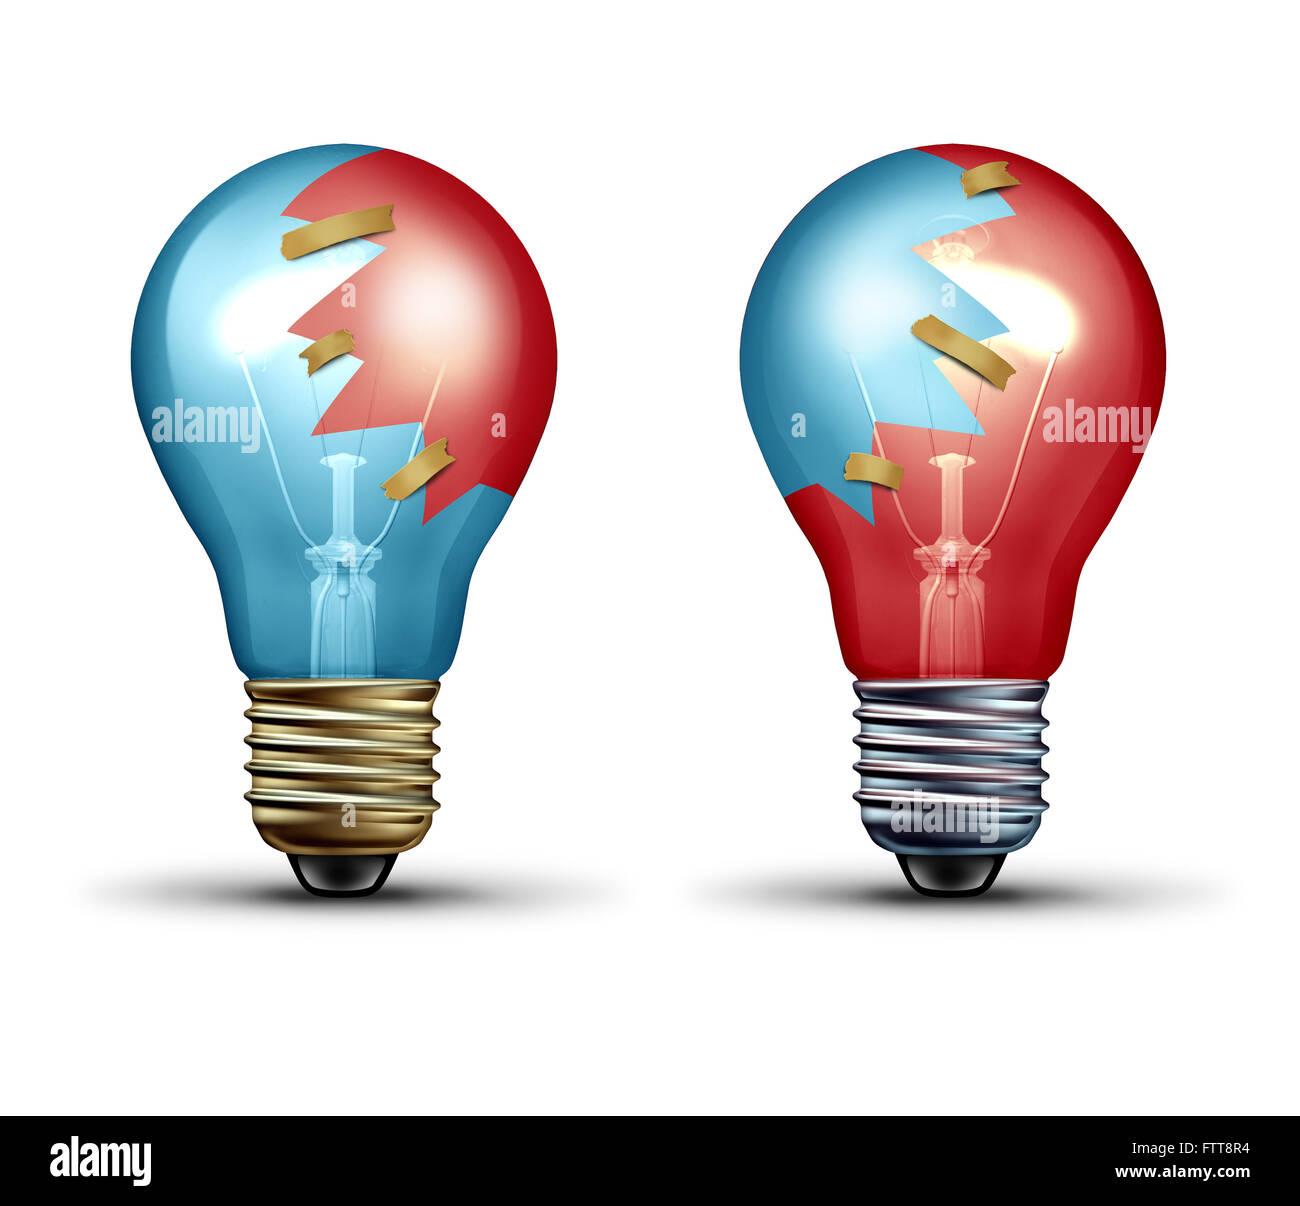 Commerce idée concept comme deux ampoules ampoule ou partagé des icônes avec des morceaux de verre Photo Stock